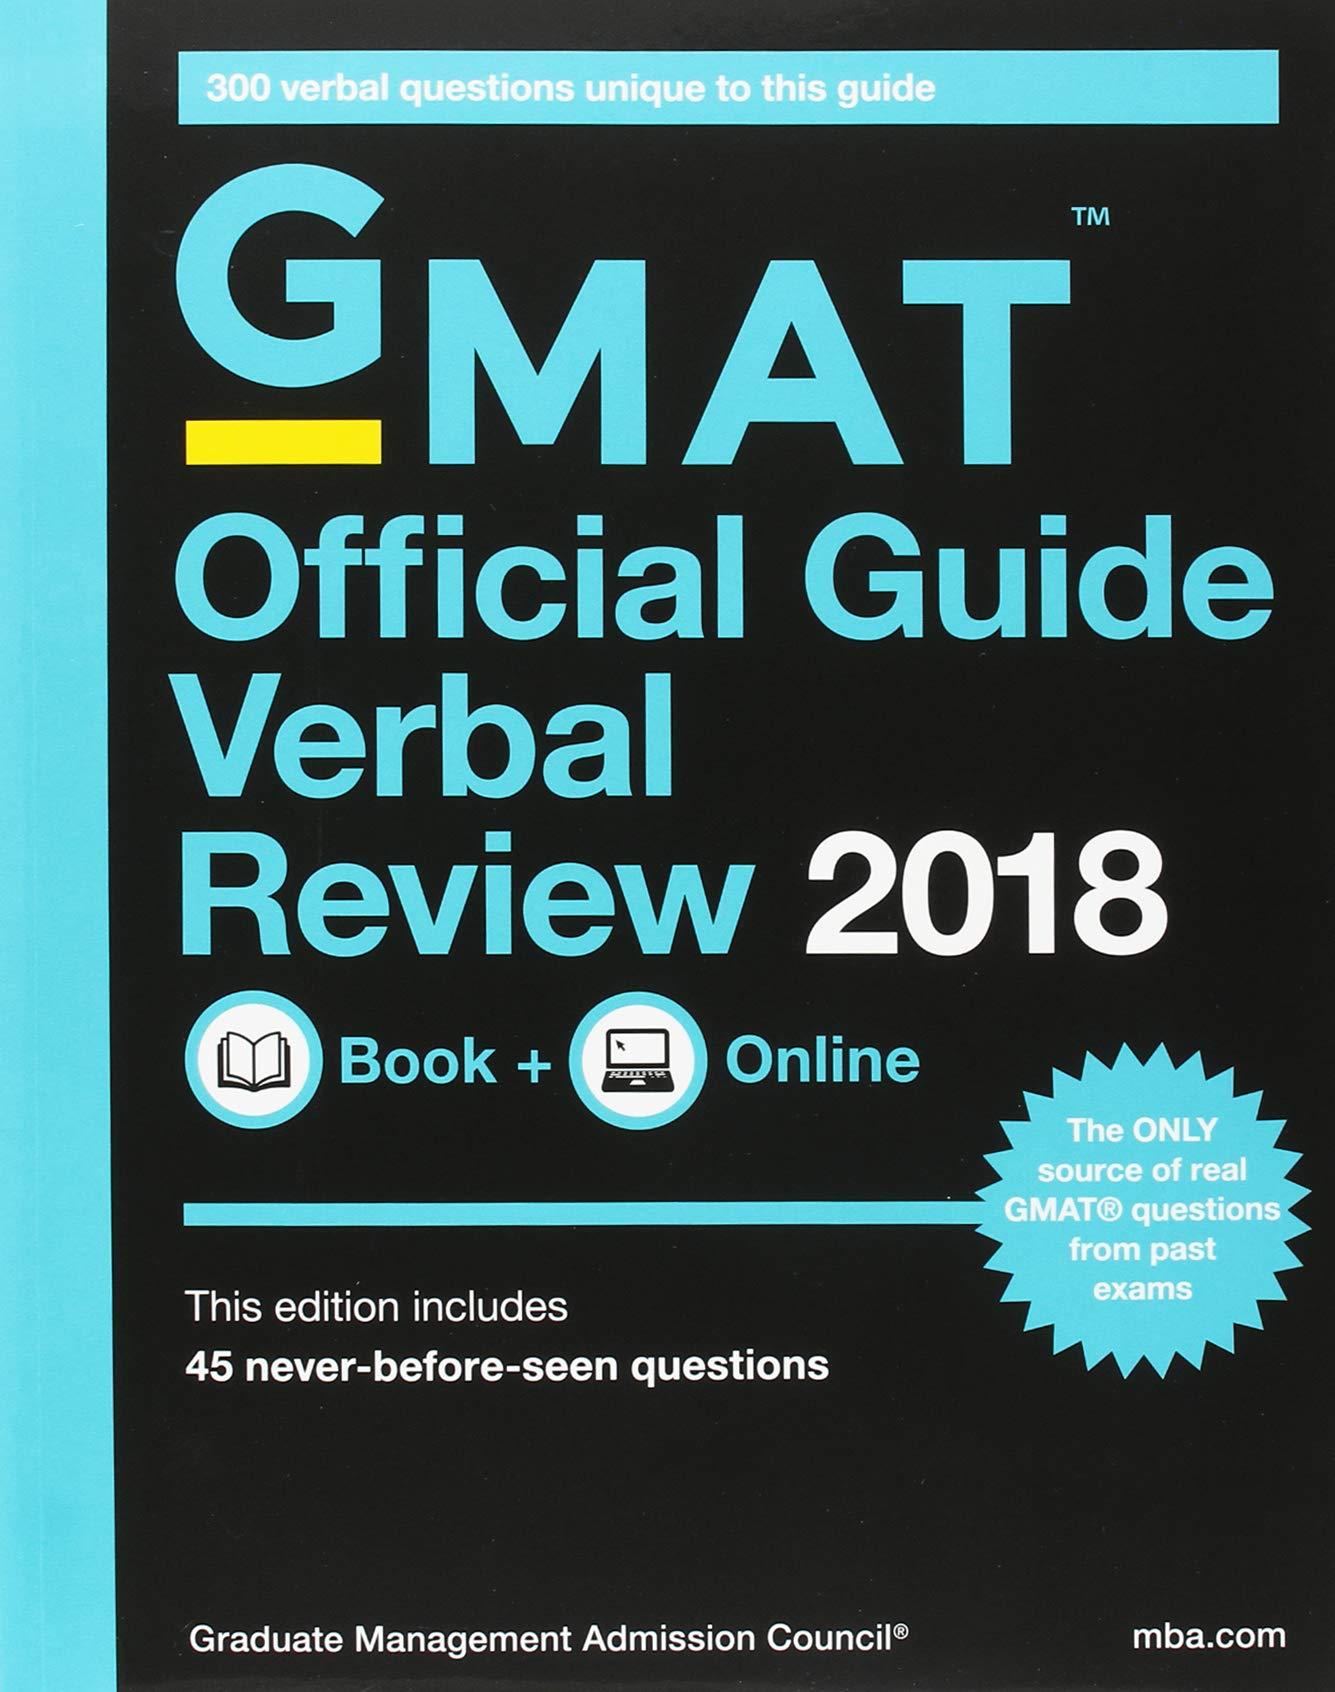 GMAT Official Guide 2018 Bundle: Books + Online: Amazon.de ...